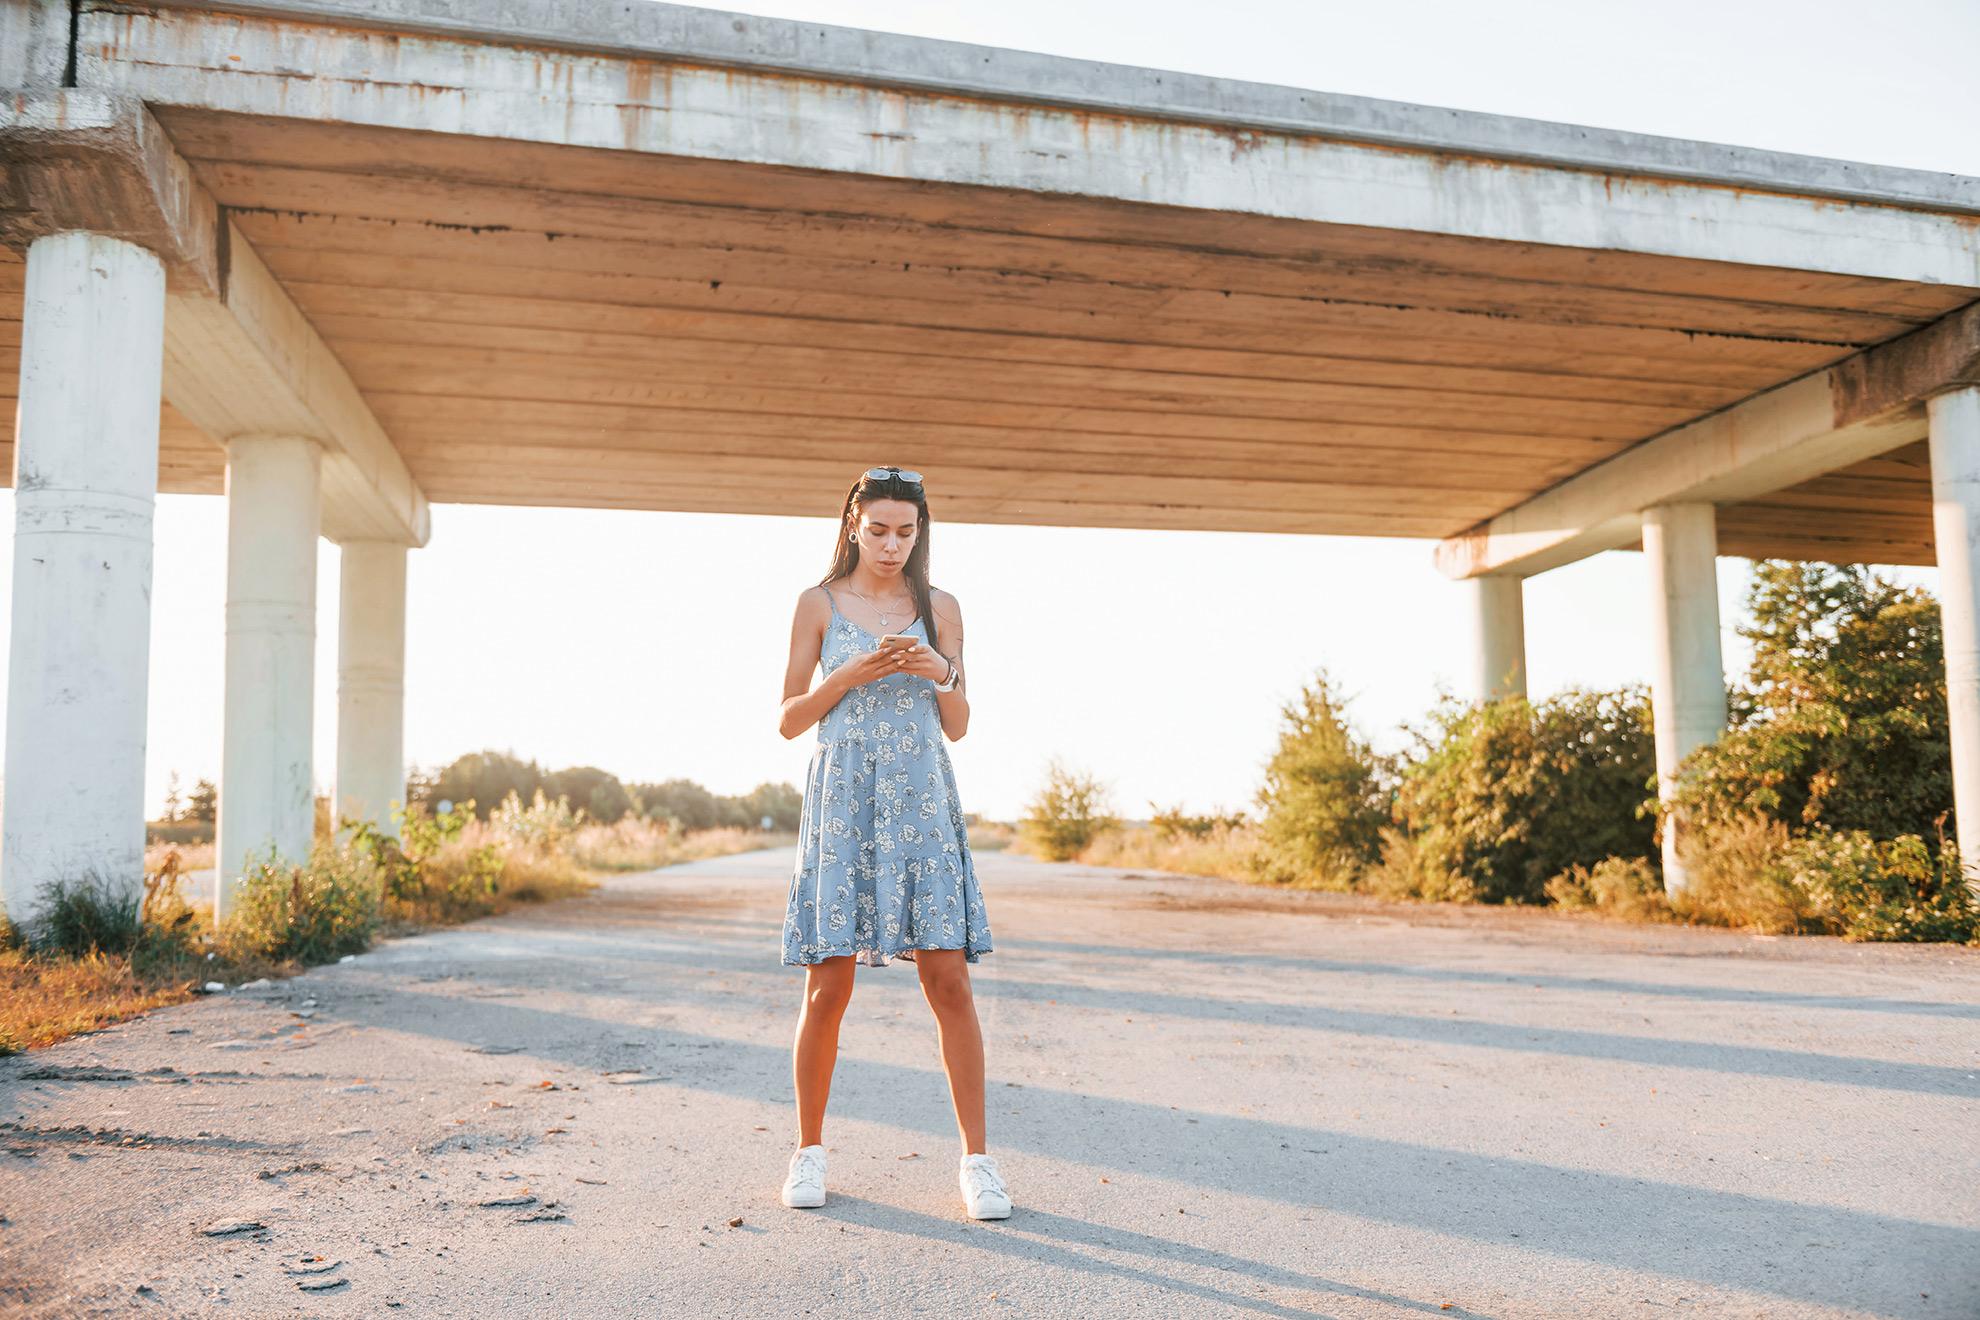 Kobieta w błękitnej sukience i białych butach, ilustracja do artykułu